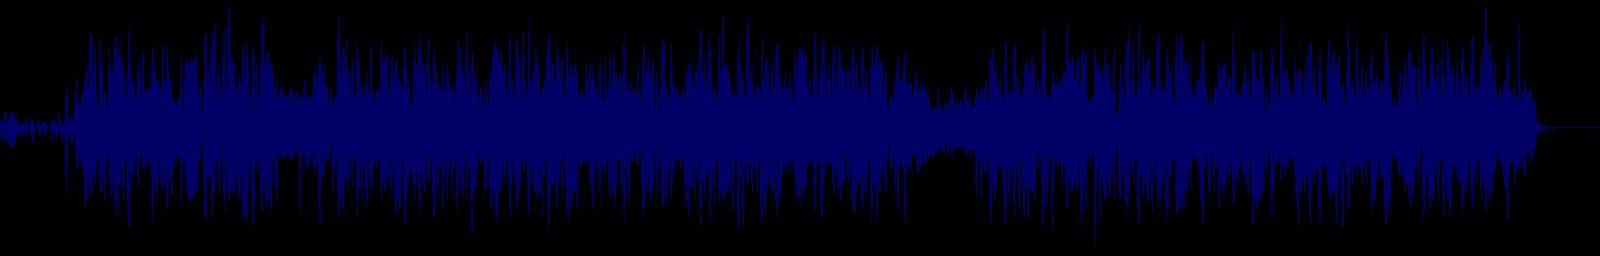 waveform of track #120226